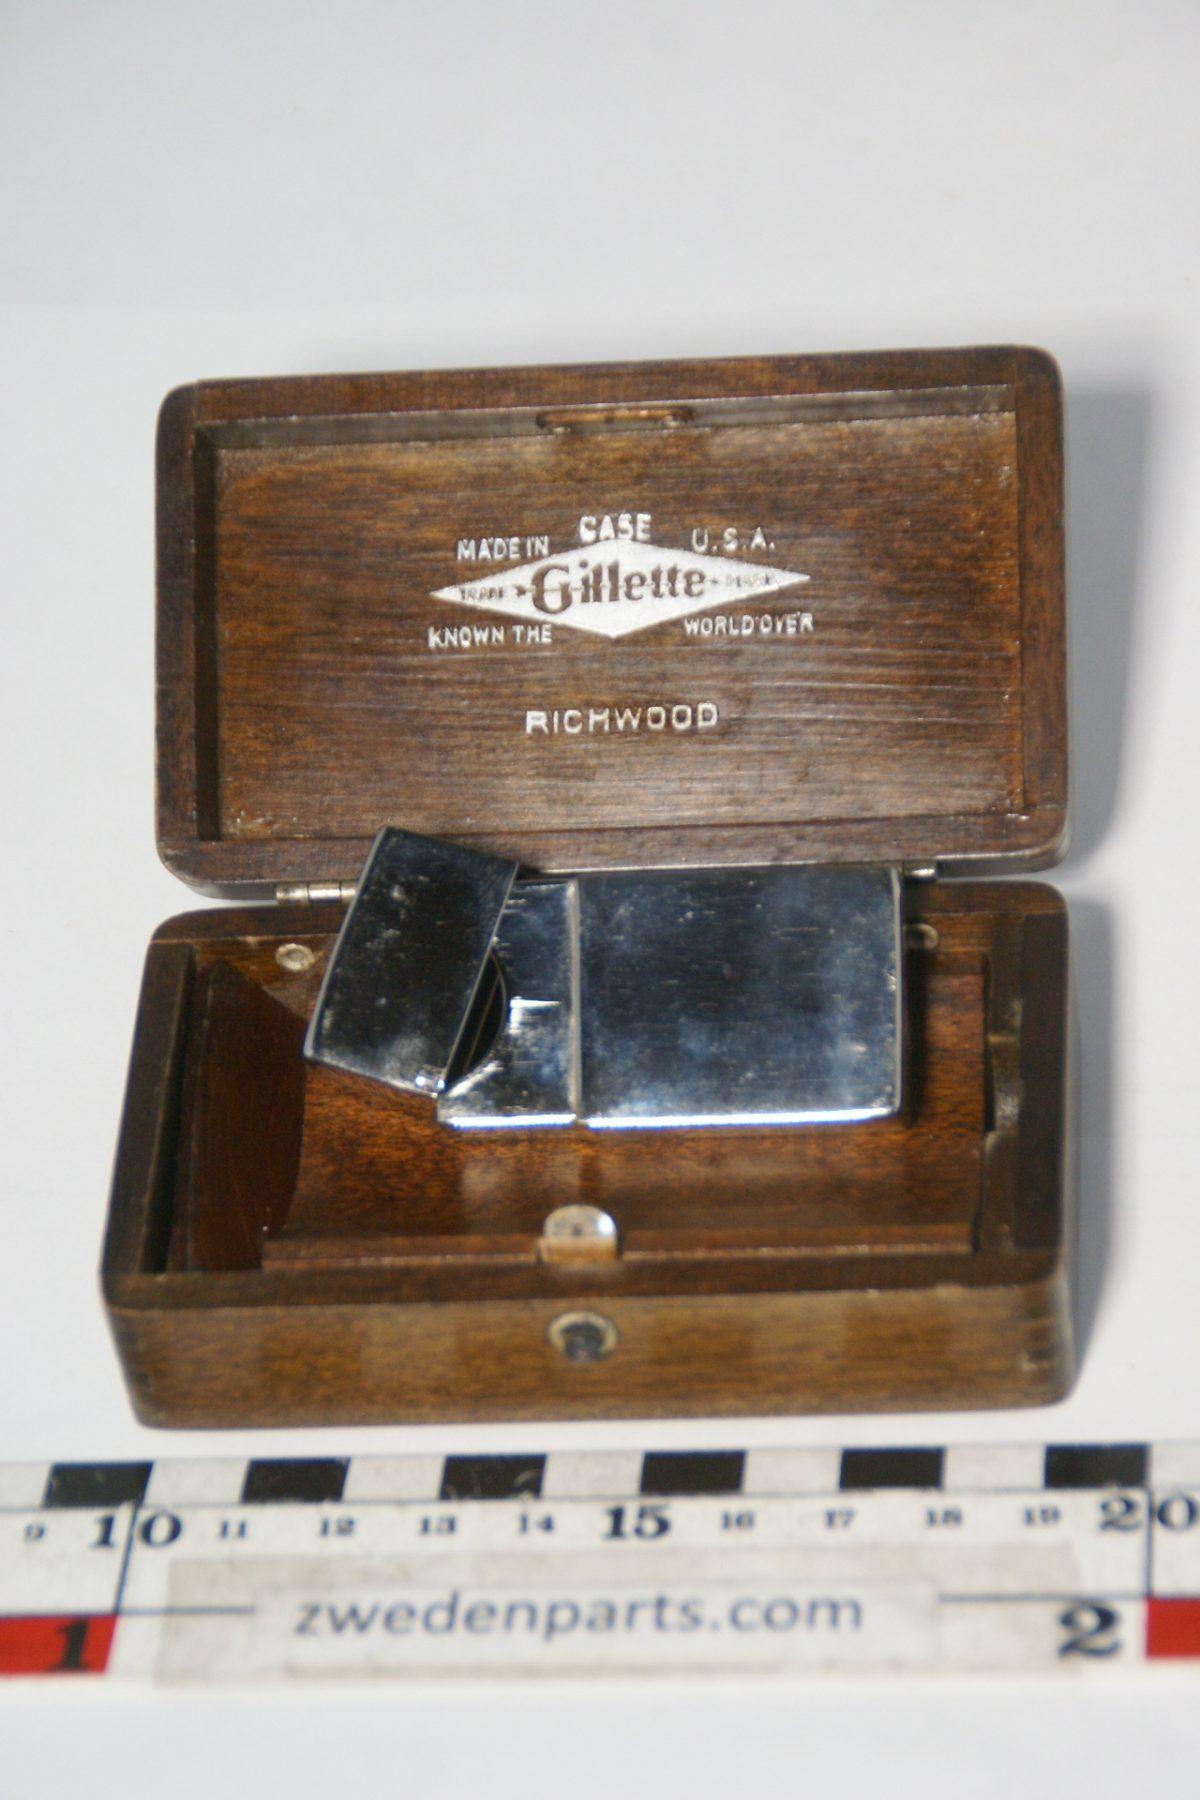 DSC05190 GILETTE luxe huoten kistje met doos voor mesjes